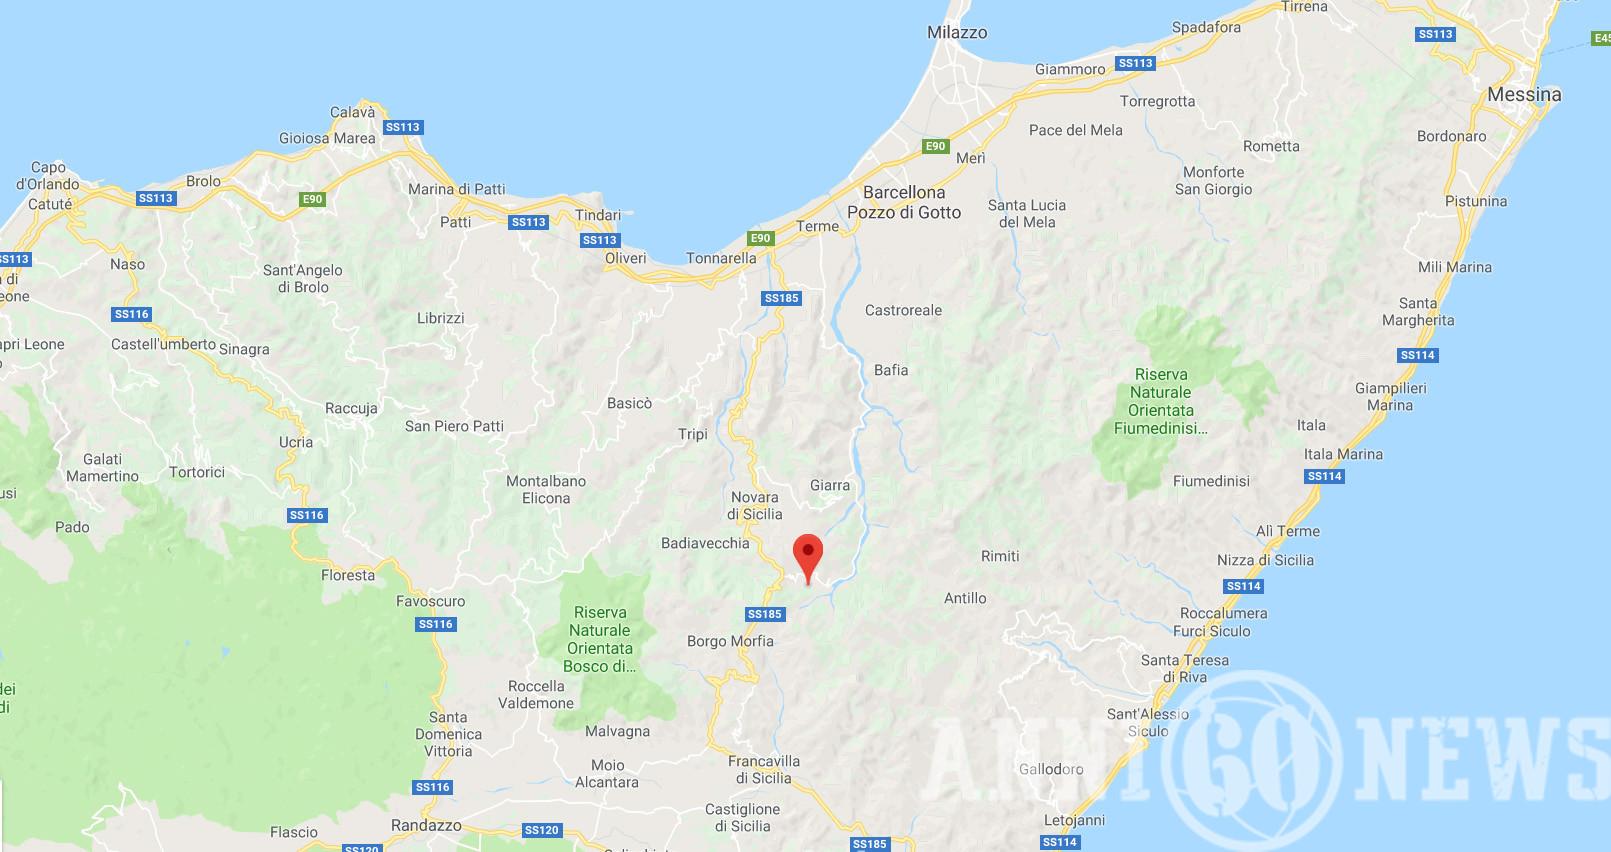 Terremoto Marche: scossa 3.2 ad Appignano. Terra trema anche a Pieve Torina